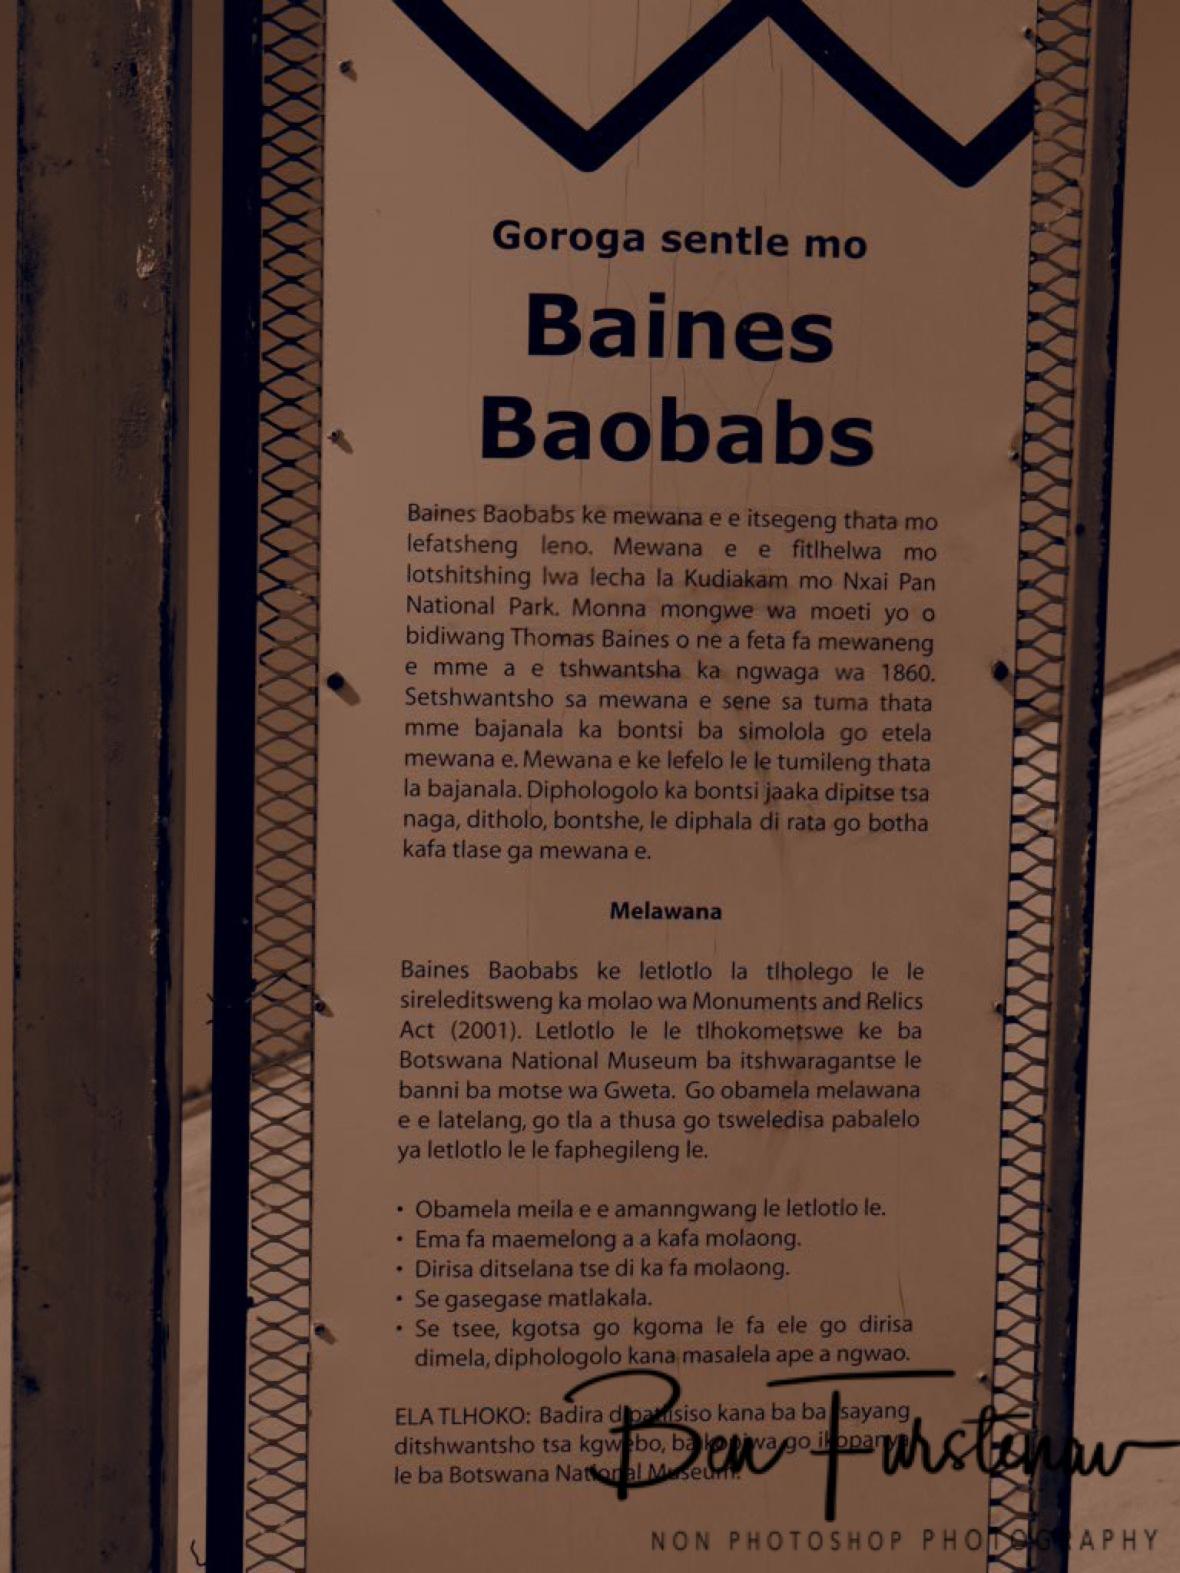 Baines Baobab signpost, Makgadikgadi Salt Pans, Botswana